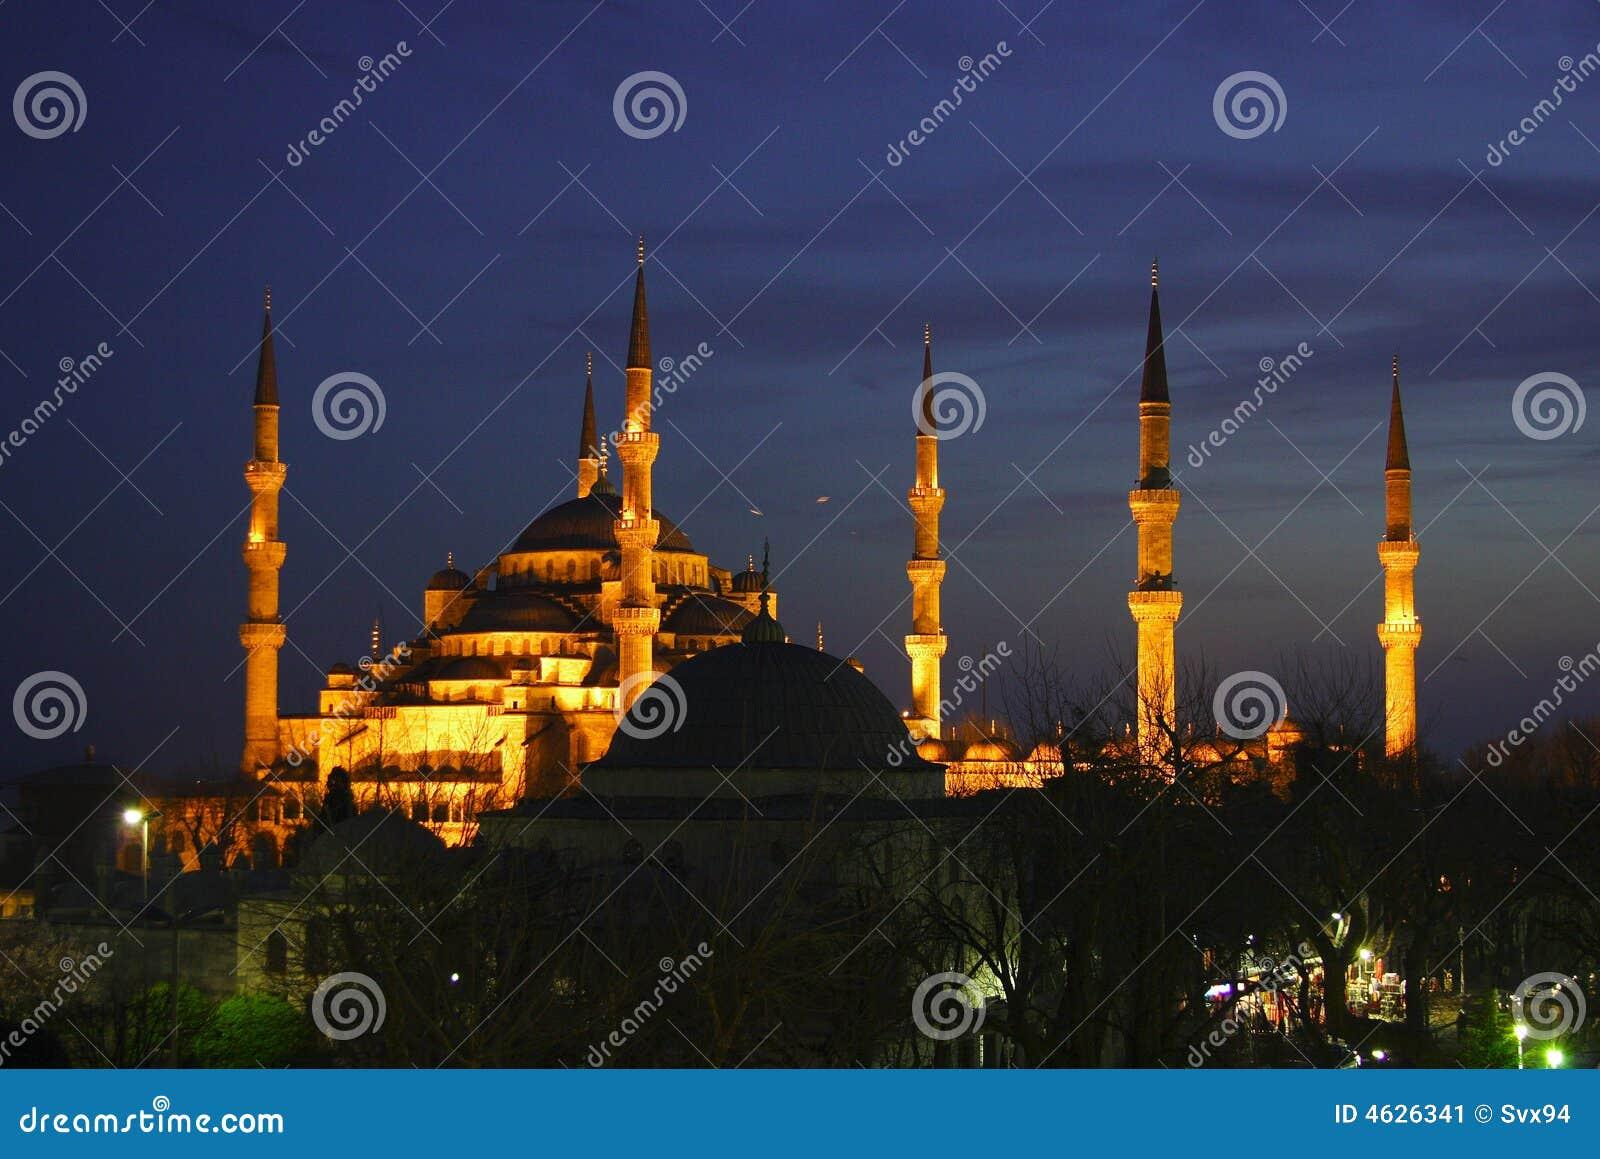 Blaue Moschee nachts